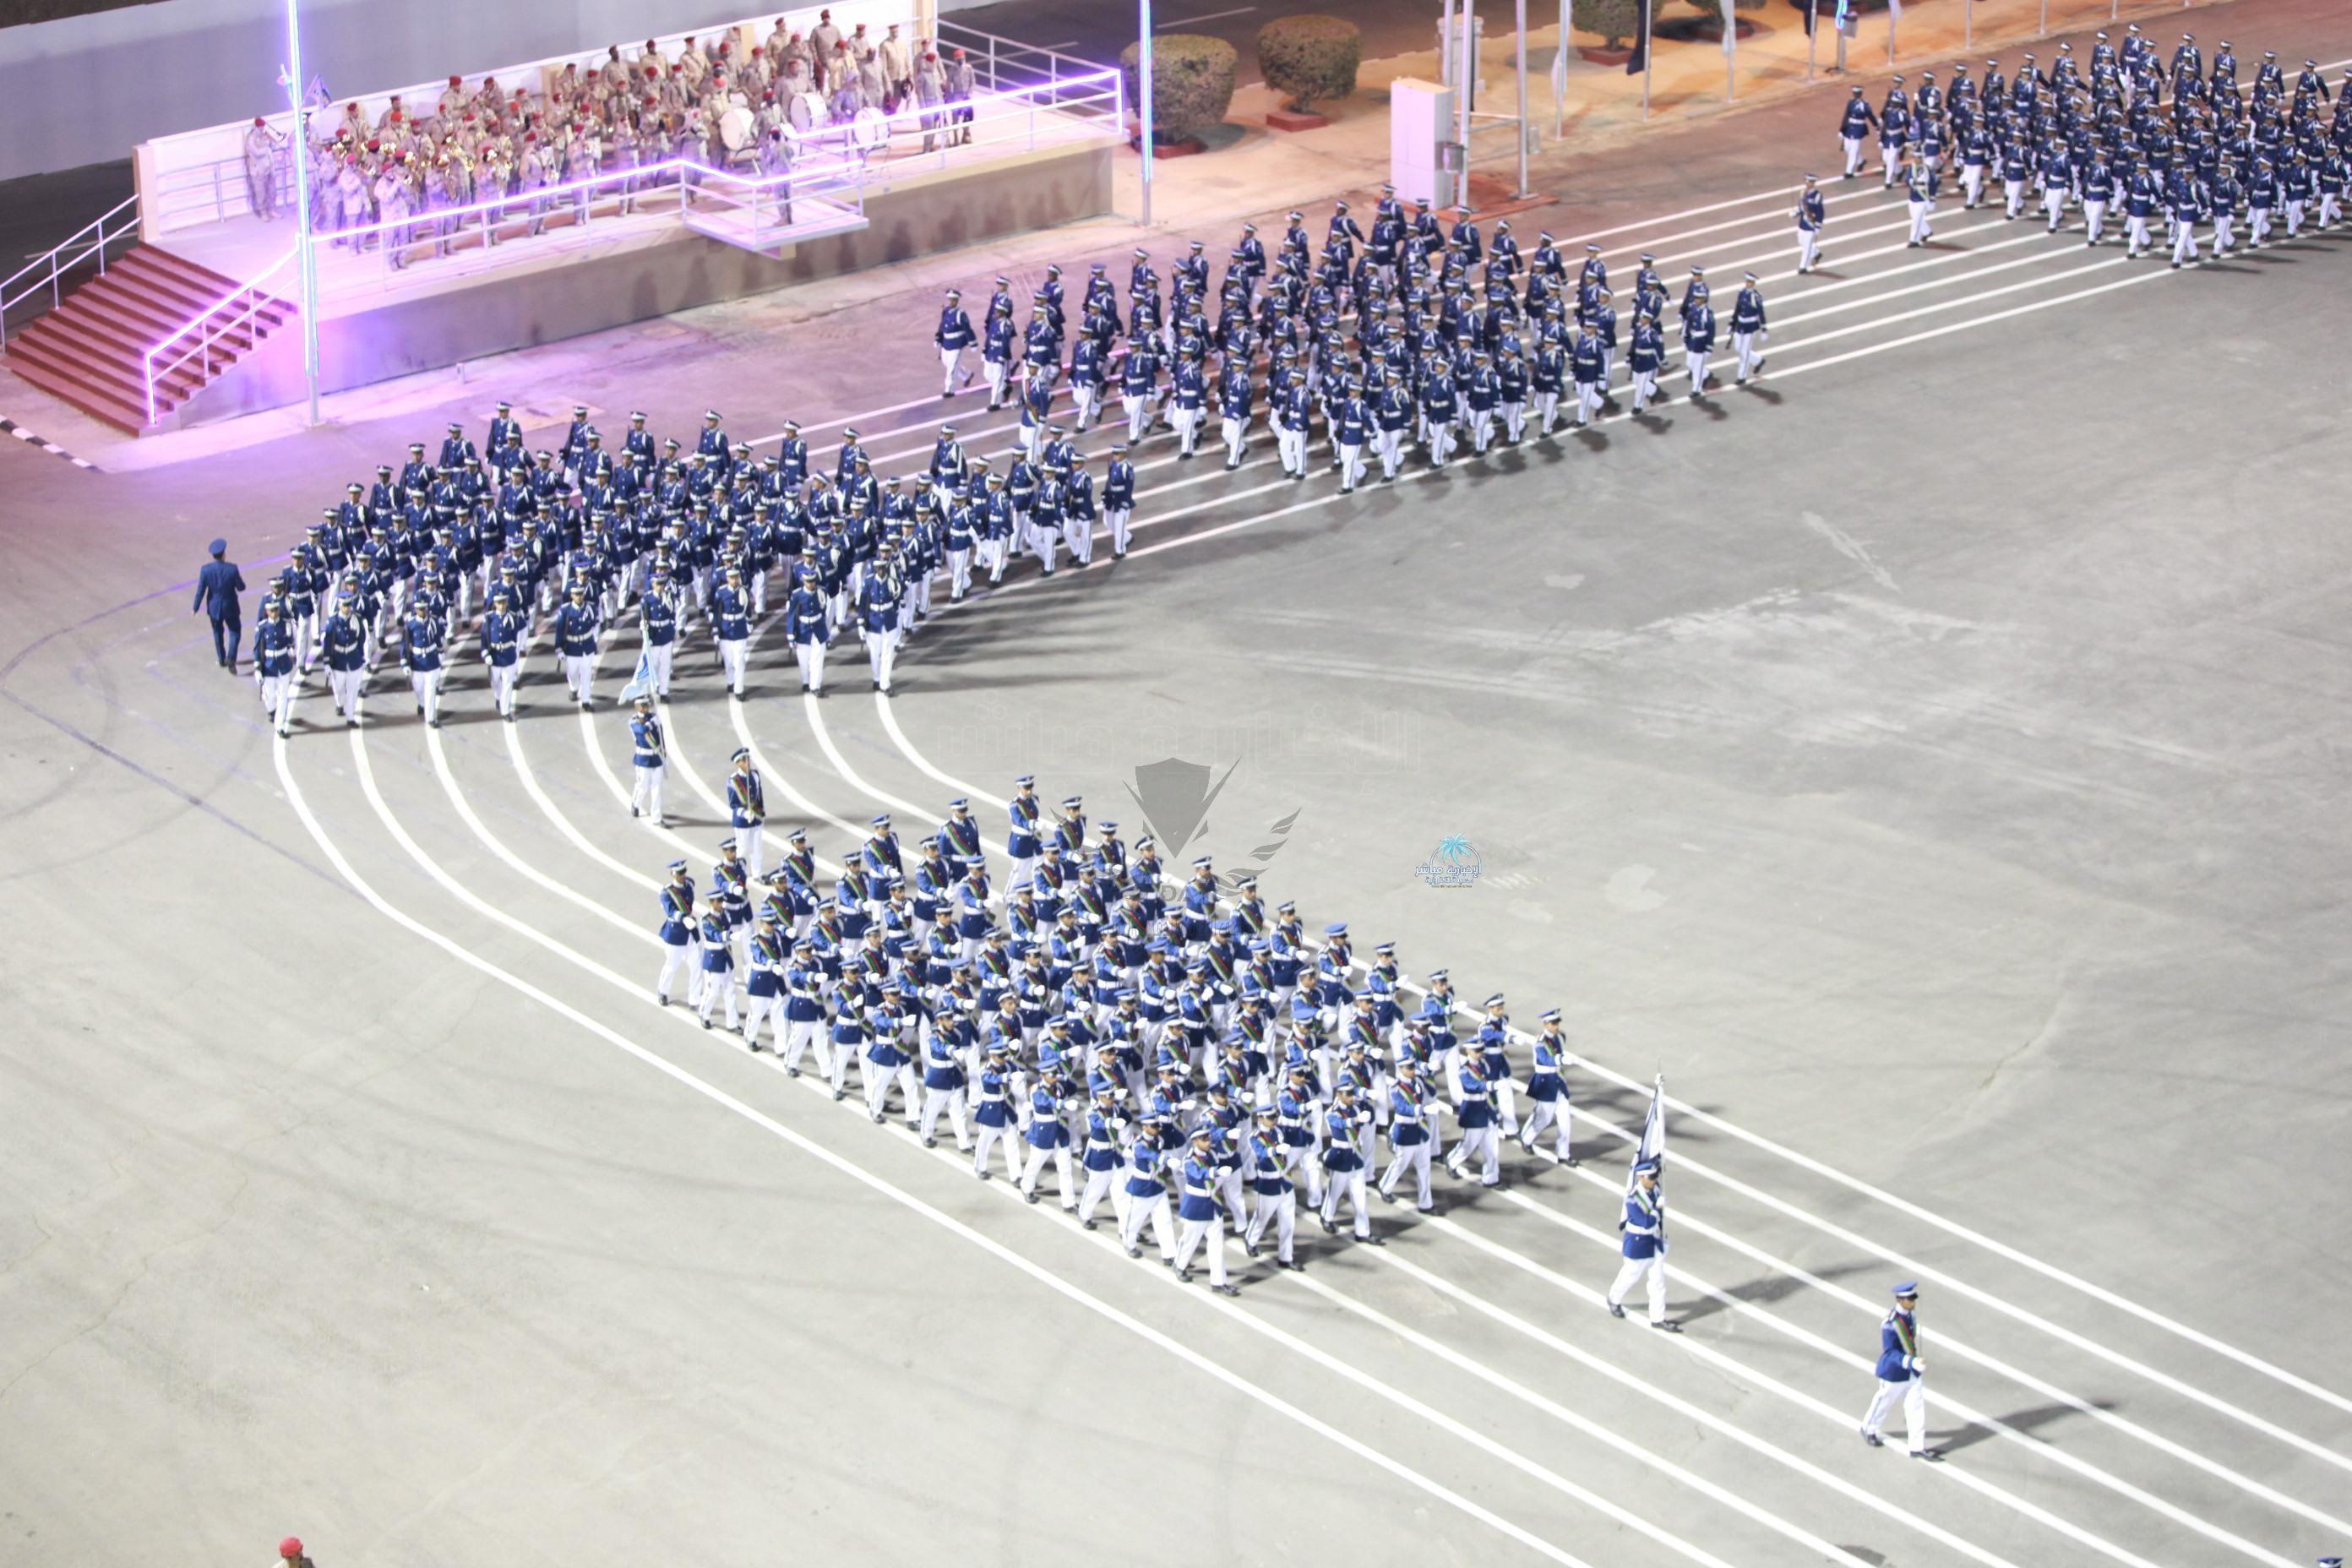 جانب-من-العرض-العسكري-خلال-حفل-التخرج.jpg